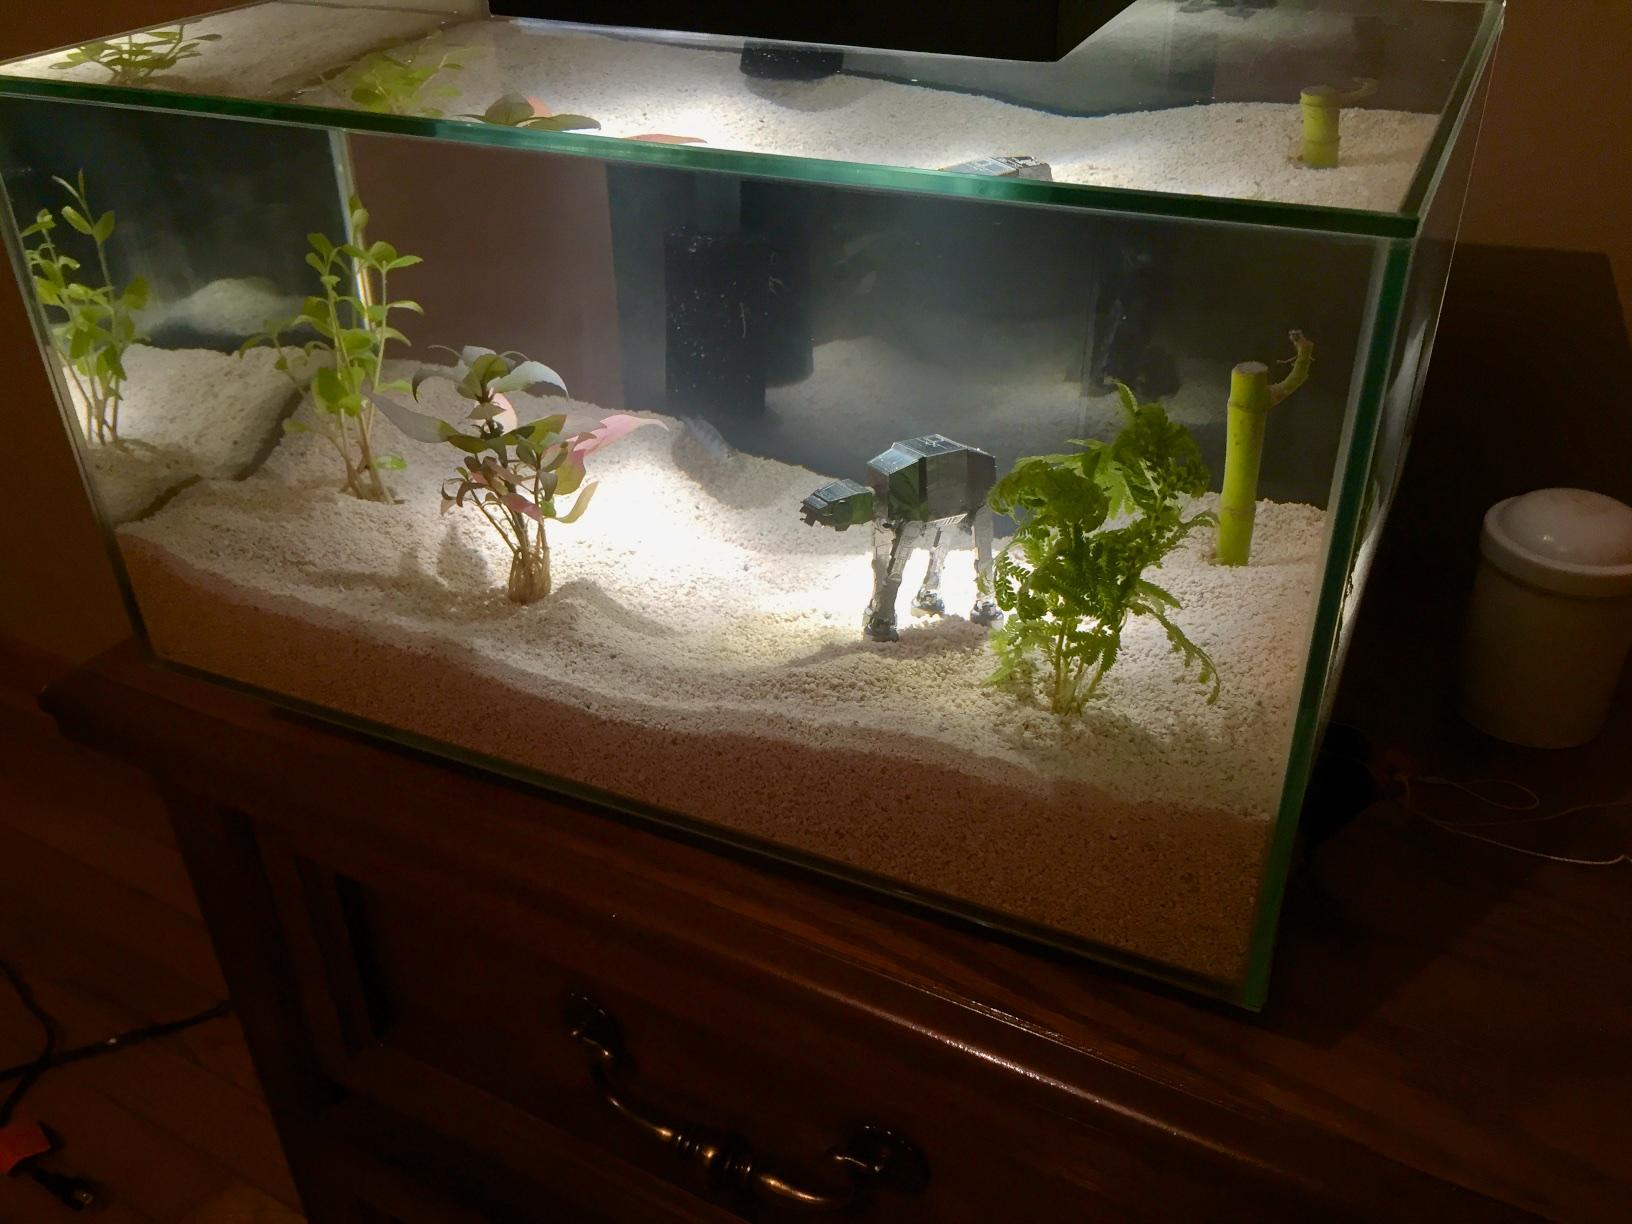 нашей смешные картинки про аквариумы сего факта